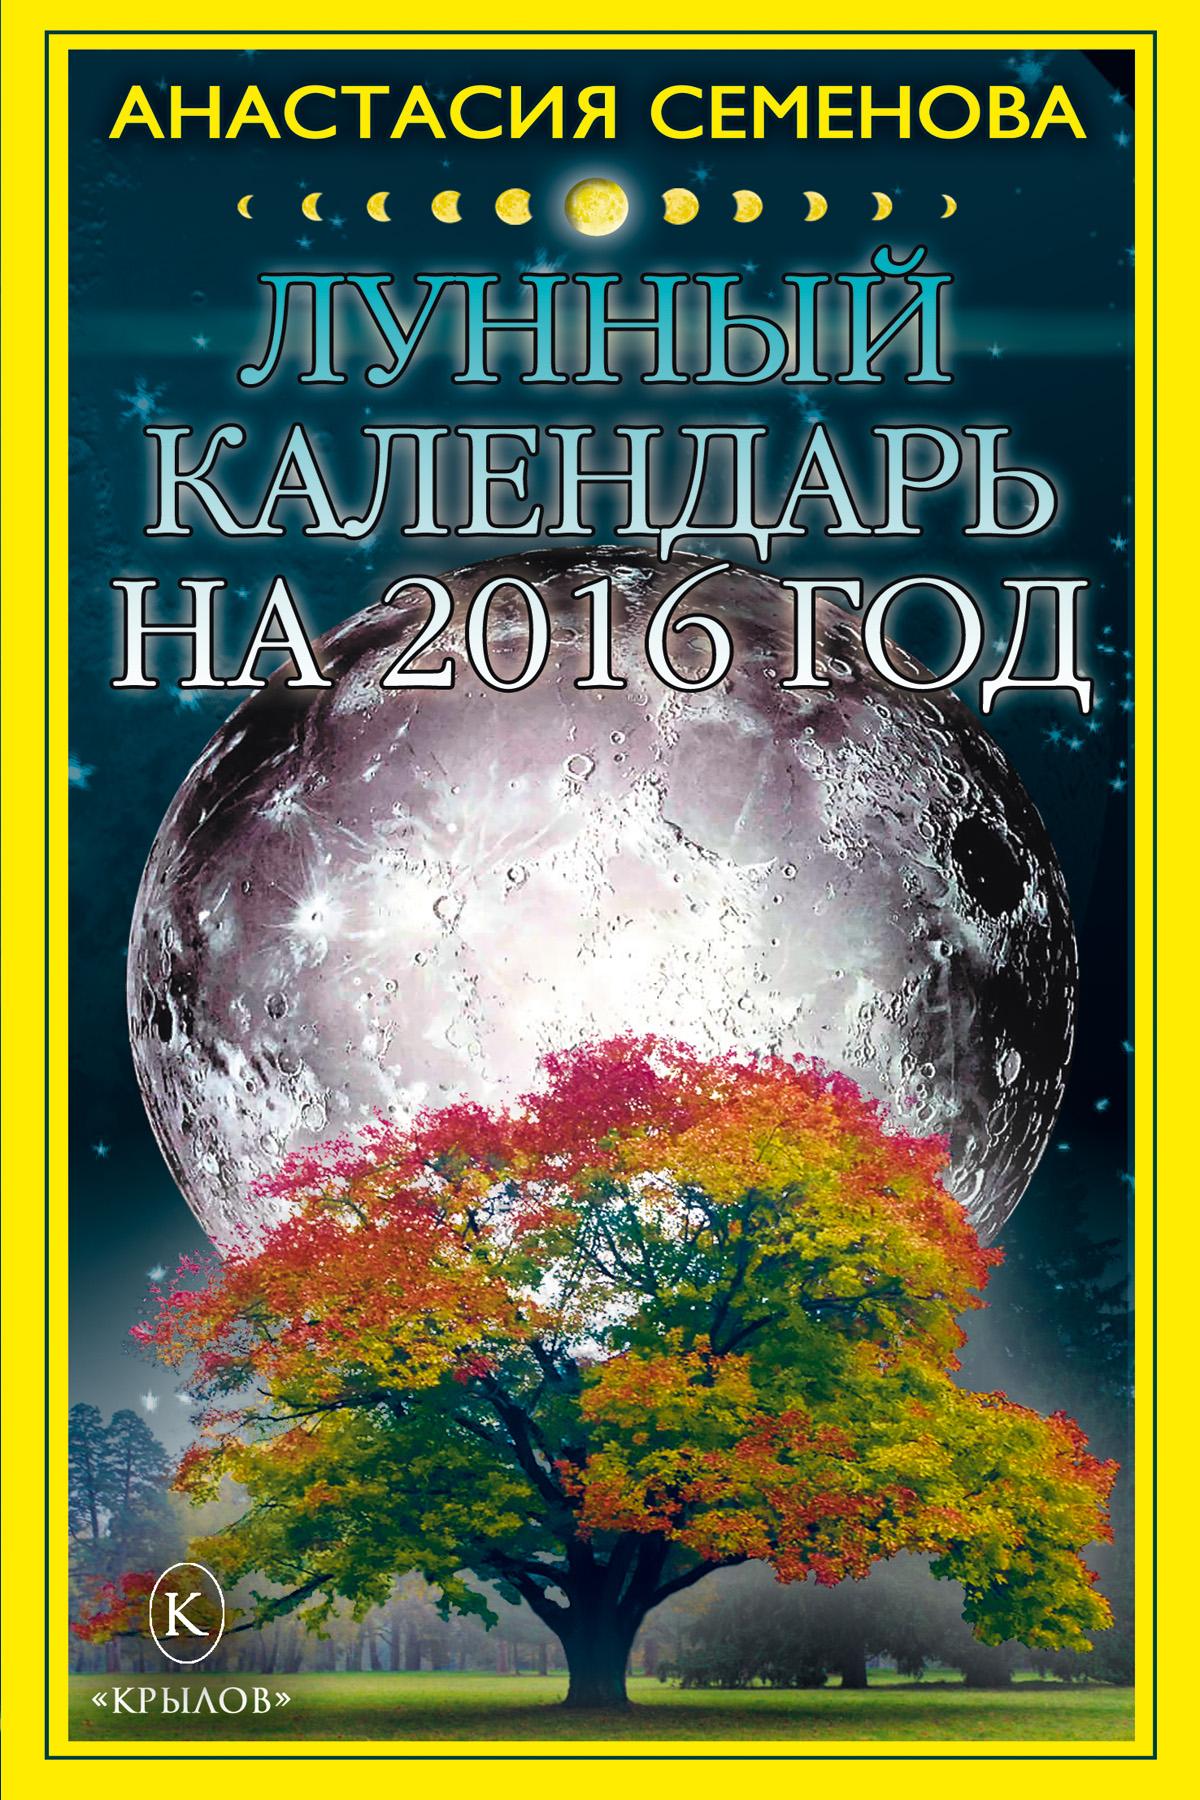 Анастасия Семенова Лунный календарь на 2016 год в и жиглов школьный календарь 2018 год